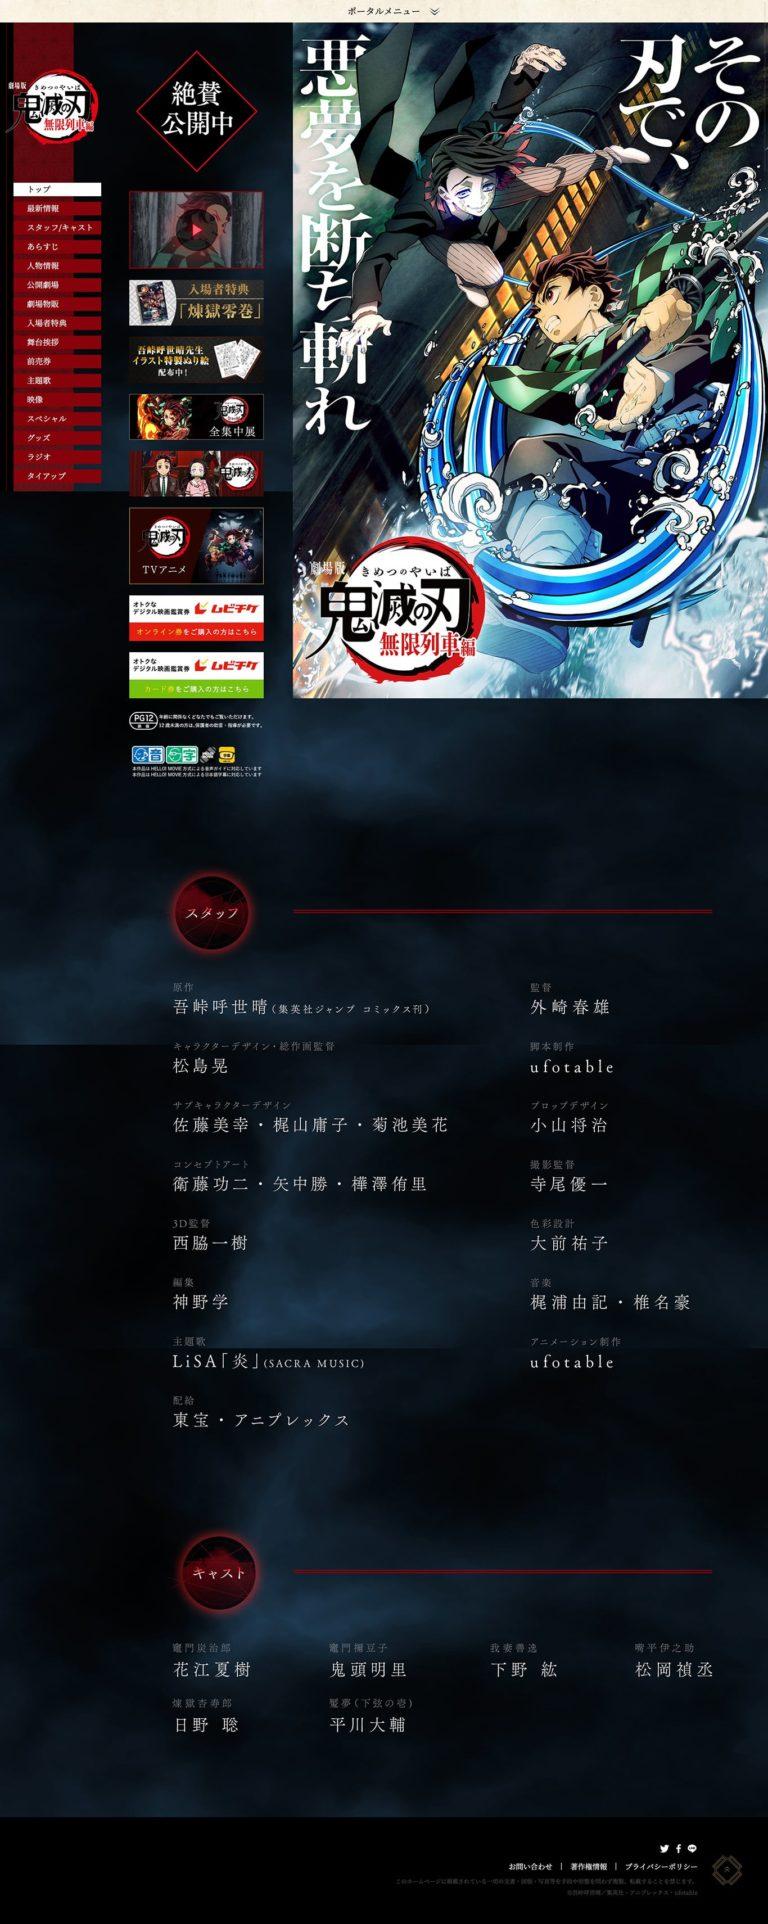 劇場版「鬼滅の刃」 無限列車編公式サイト